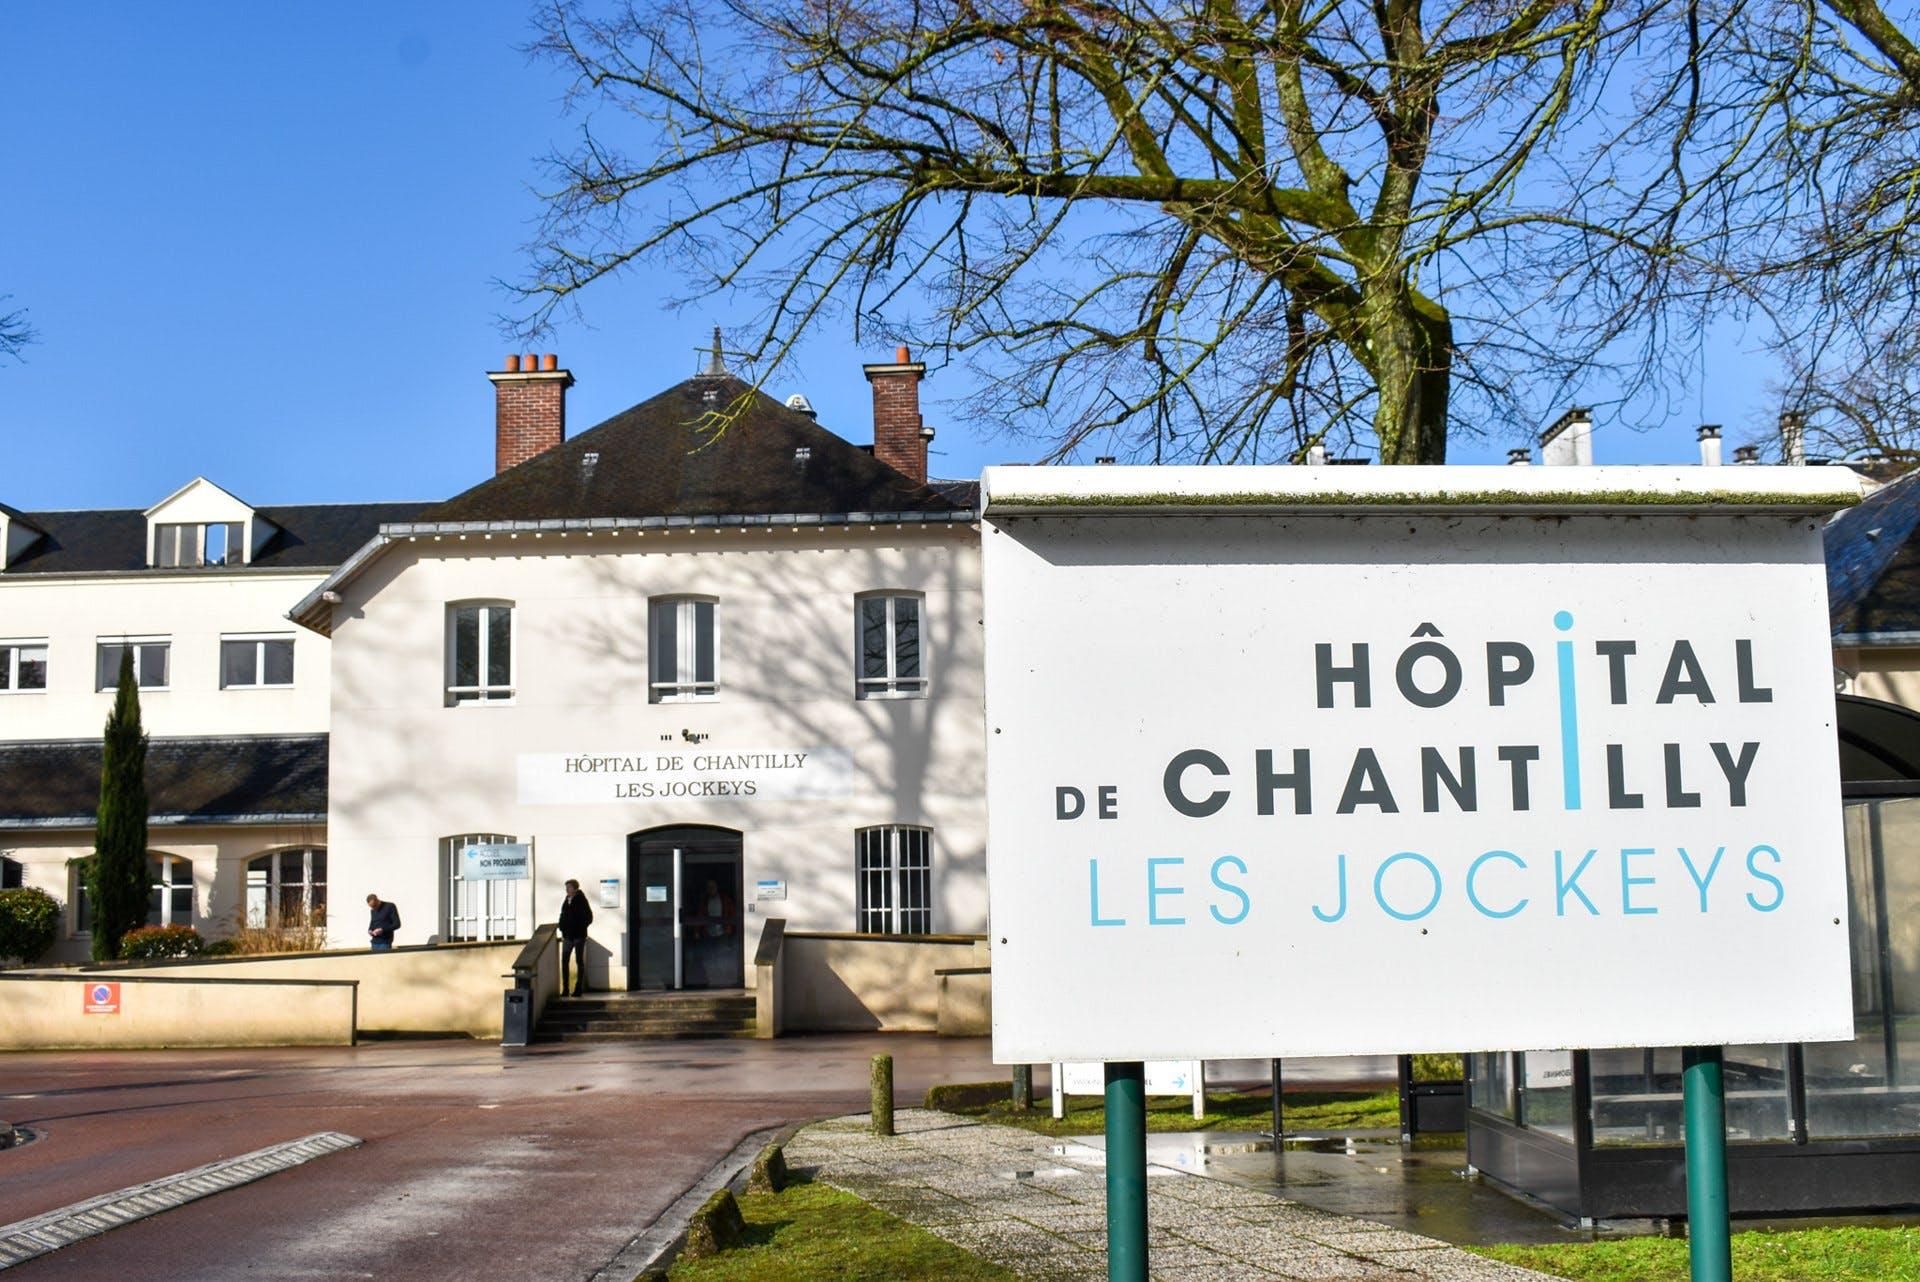 Hôpital de Chantilly Les Jockeys